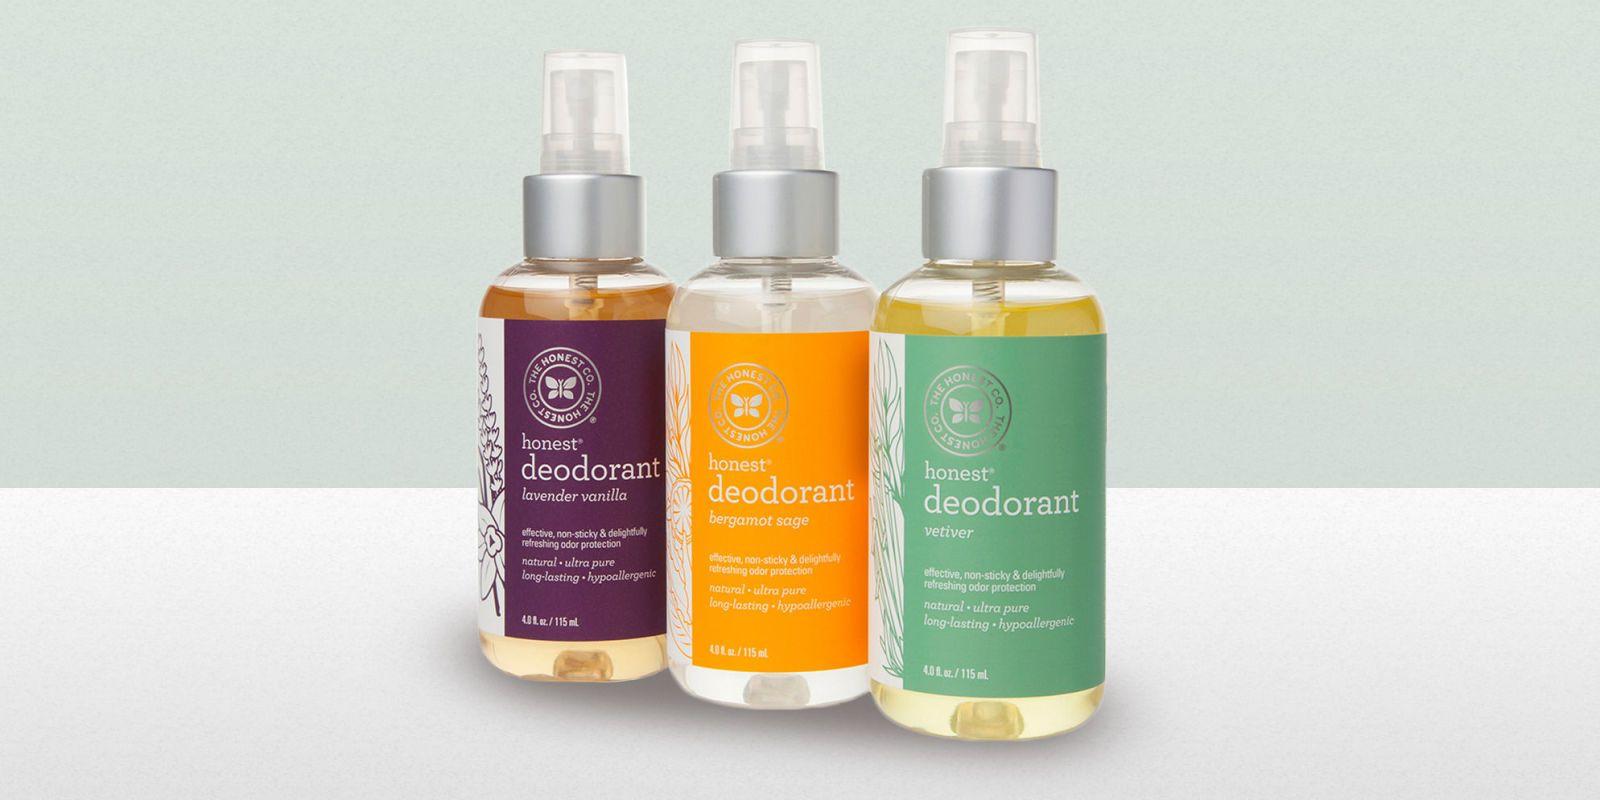 Kopari Aluminum Free Deodorant Deodorant Natural Deodorant